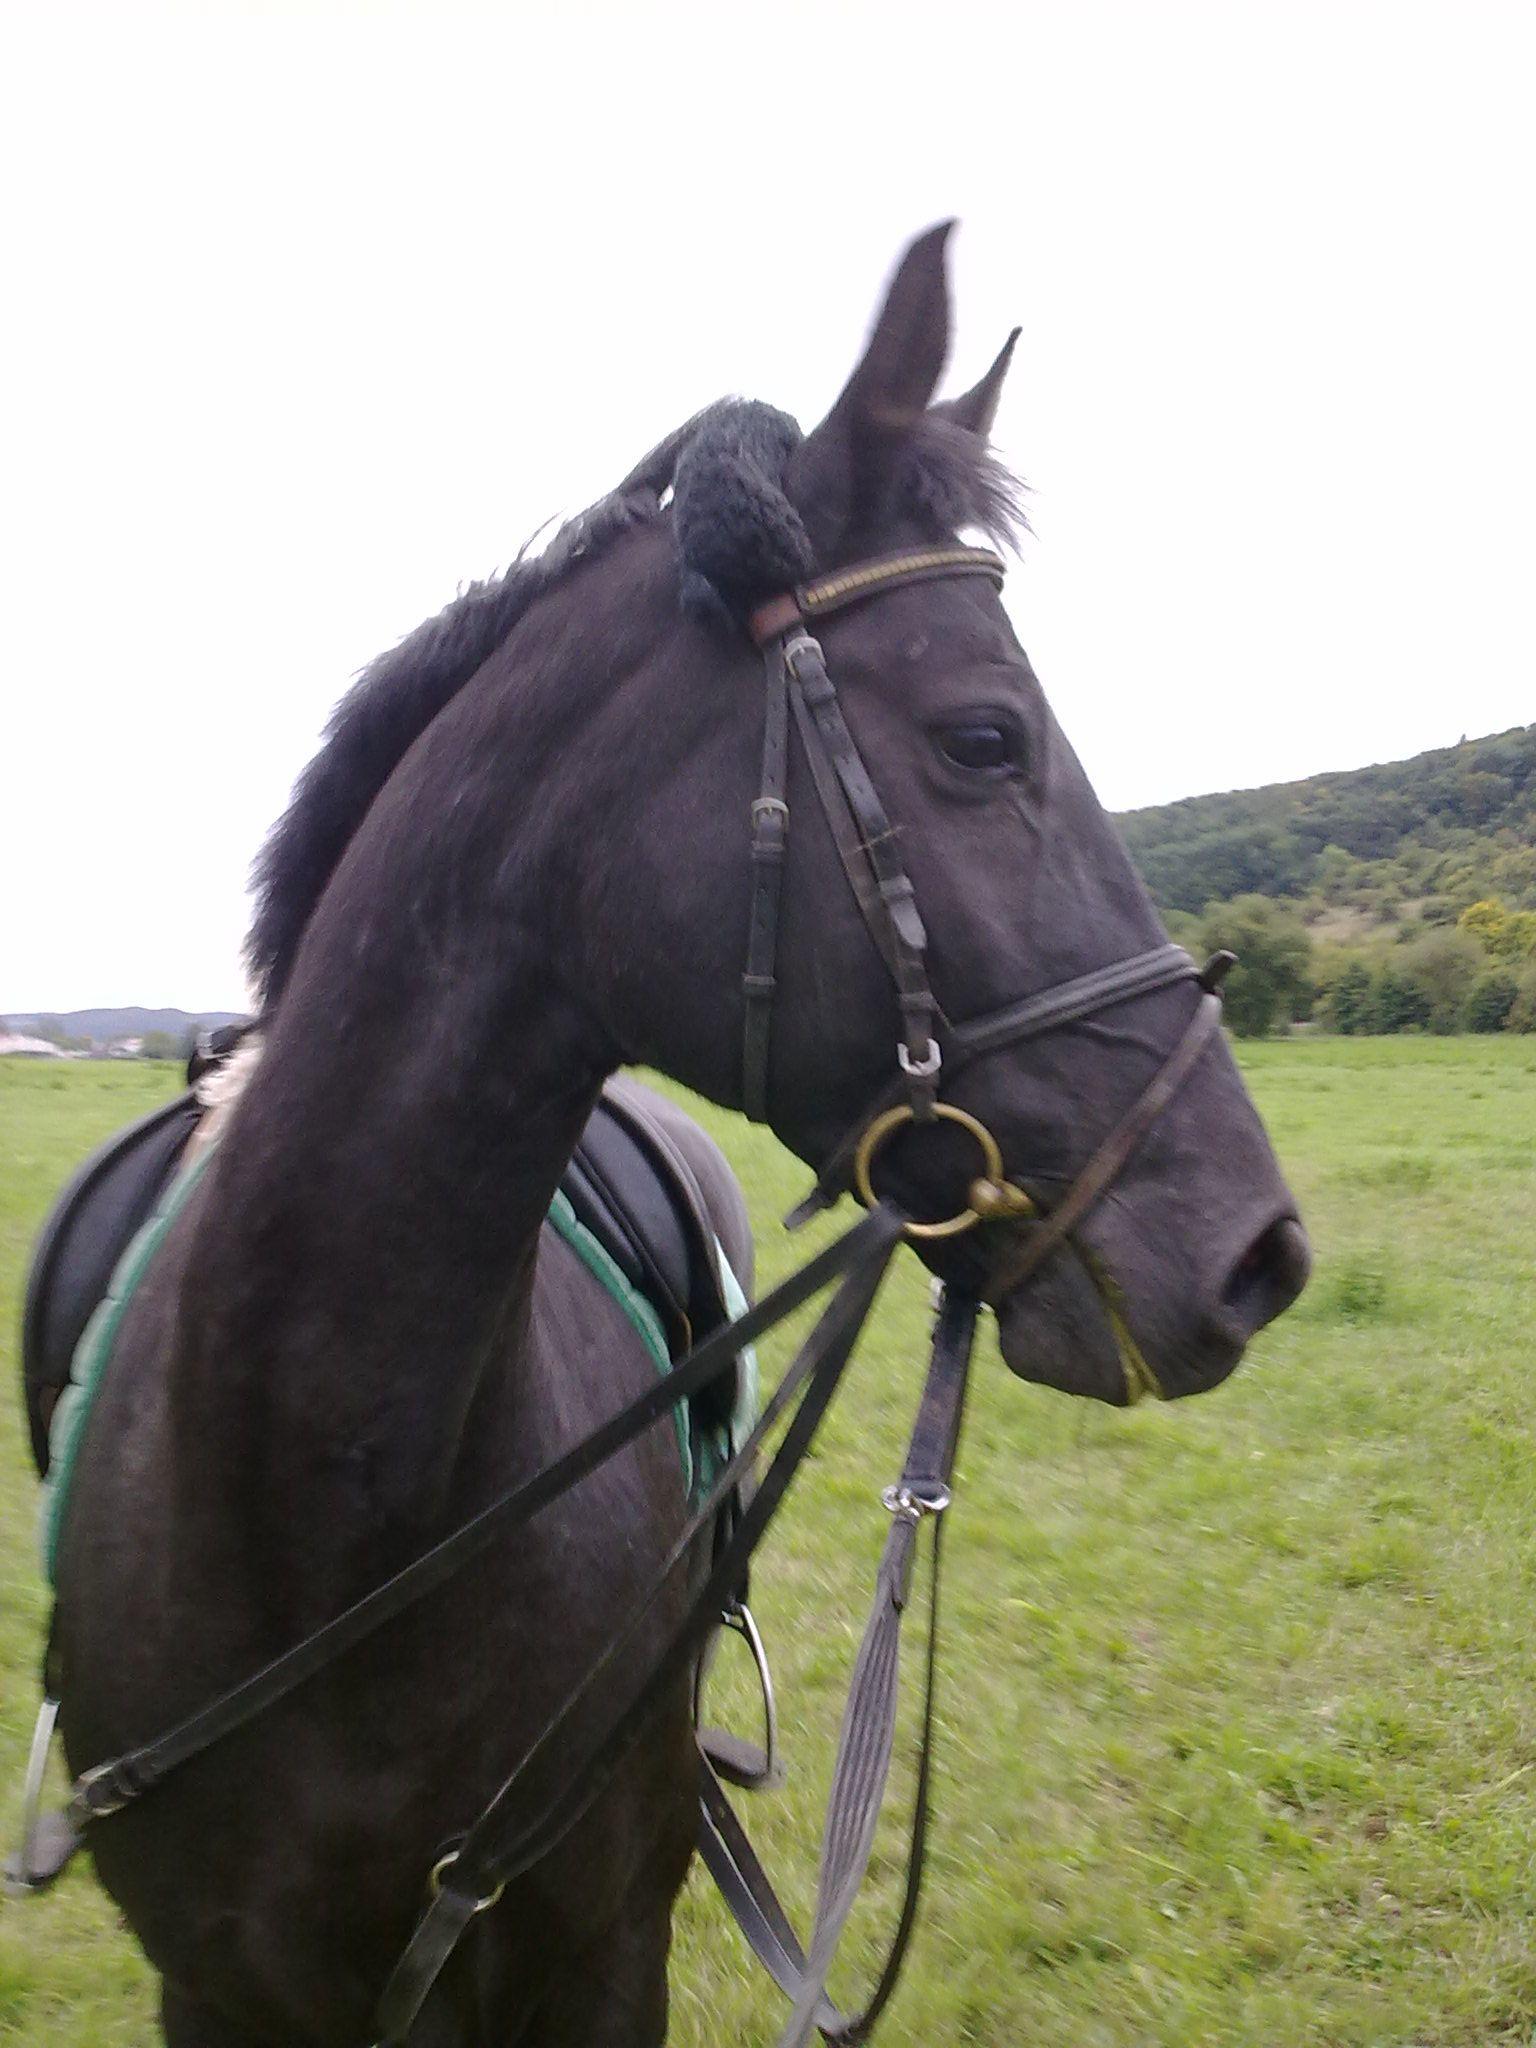 Lilly Vom Sonnenhof Bayerisches Warmblut Geboren Am 21 April 2002 Horses Animals Stuff To Buy